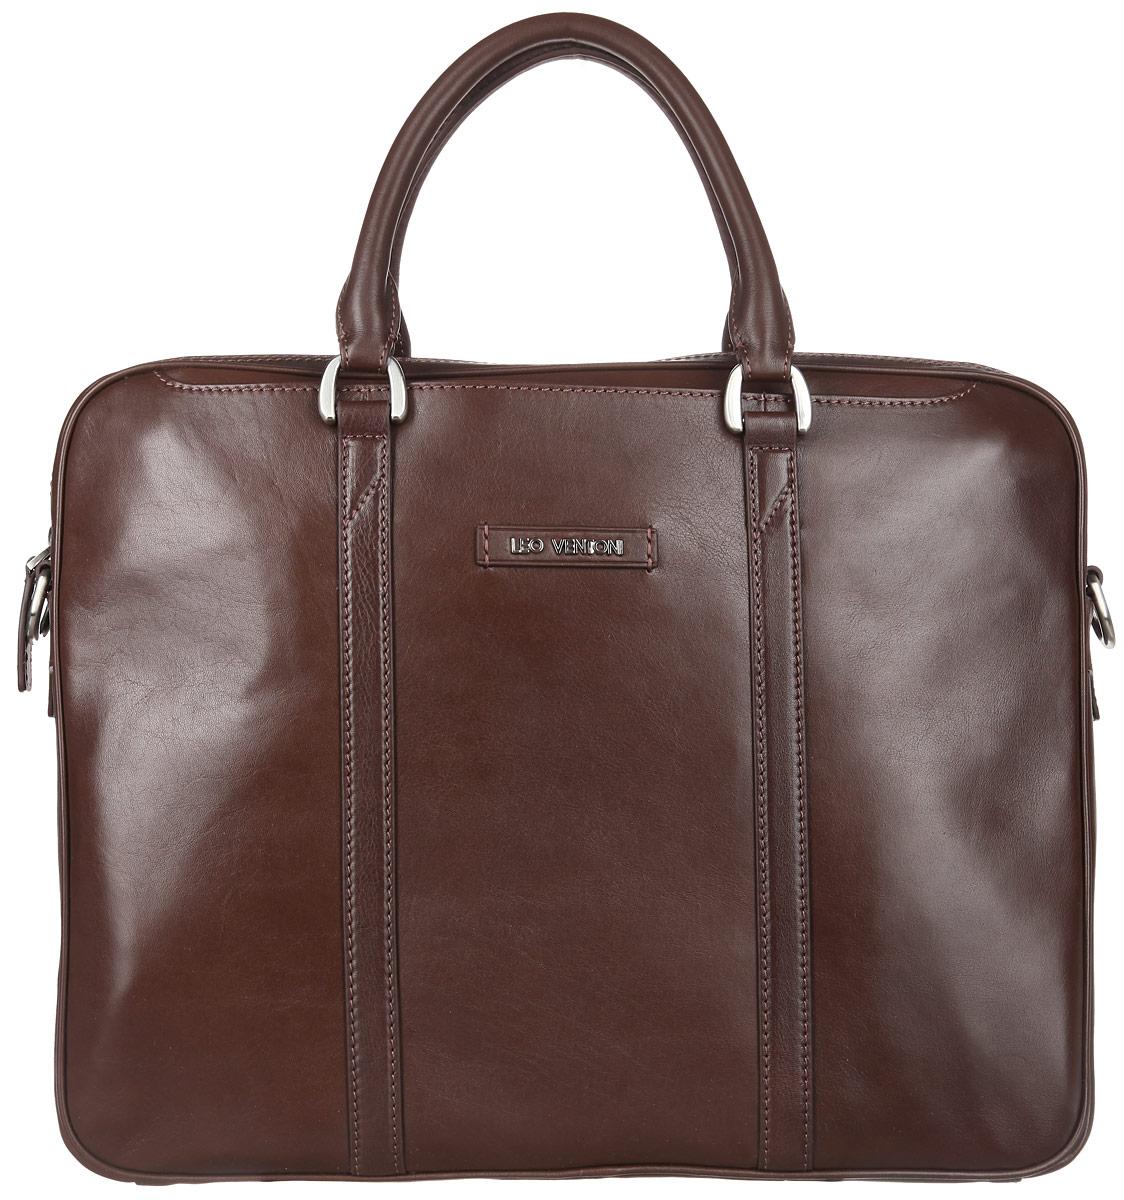 Сумка мужская Leo Ventoni, цвет: коричневый. 0300238603002386Стильная мужская сумка Leo Ventoni выполнена из натуральной гладкой кожи и закрывается на металлическую застежку-молнию. Внутренняя часть изделия выполнена из текстиля и натуральной кожи. Отделение сумки содержит боковой мягкий карман с хлястиком на липучке для планшета, врезной карман на пластиковой молнии, два прорезных кармана и два держателя для шариковых ручек. На передней и задней стенках изделия расположены глубокие прорезные открытые карманы. Сумка декорирована металлической надписью логотипа бренда и прострочками. Изделие оснащено удобными ручками для переноски. Прилагается наплечный ремень, регулируемой длины и фирменный текстильный чехол для хранения. Функциональная мужская сумка Leo Ventoni станет стильным аксессуаром для делового мужчины.